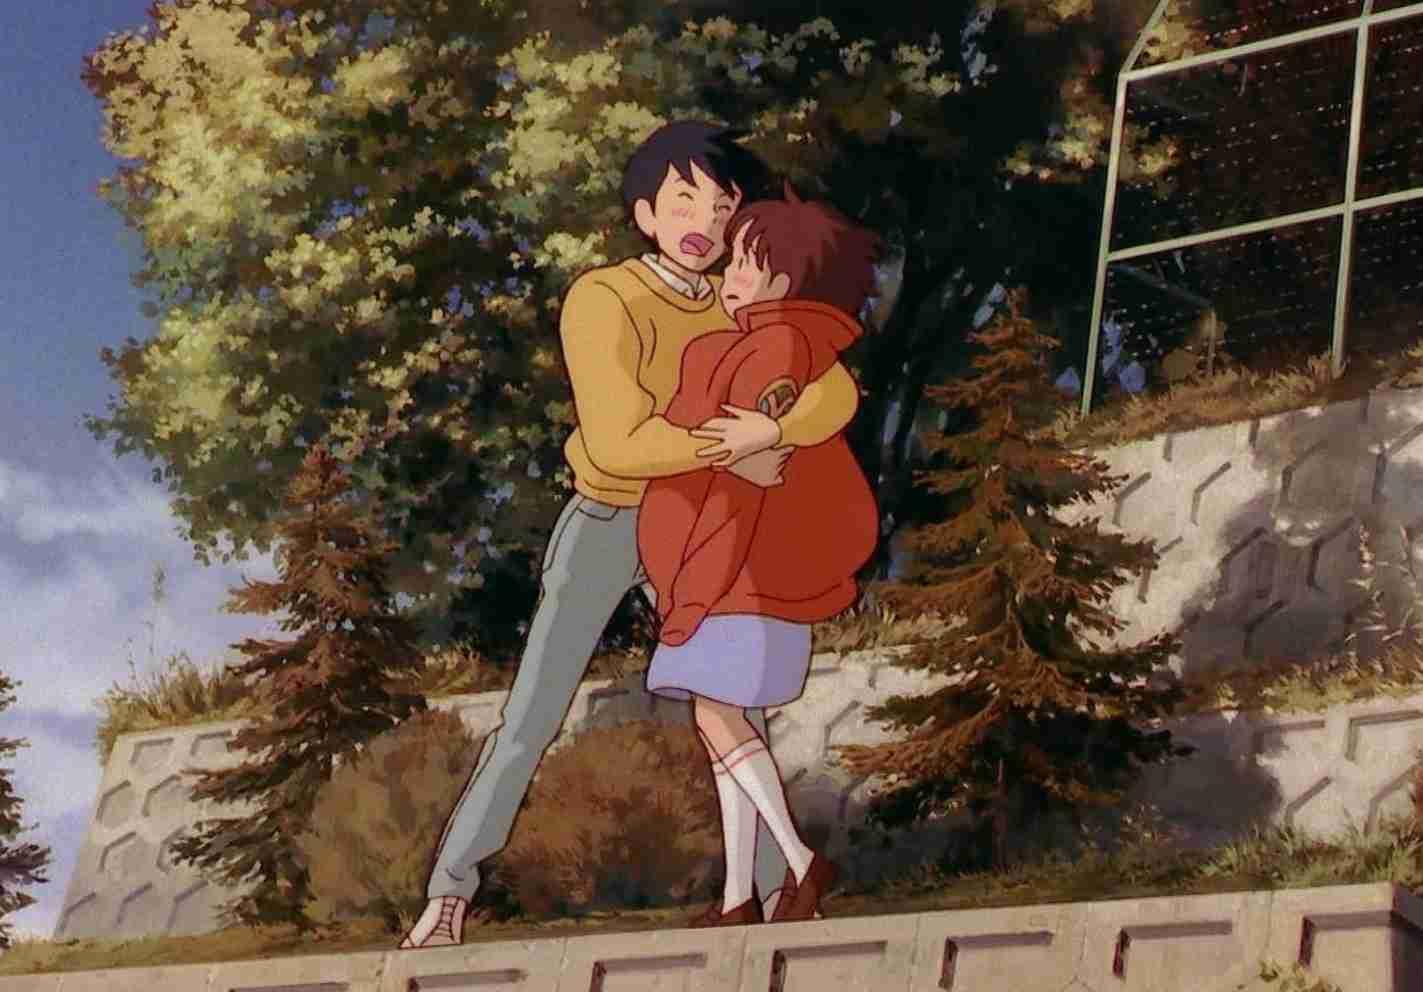 長友佑都「遠距離は大変。好きで会えないのはつらい」 アモーレ・平愛梨との交際で本音